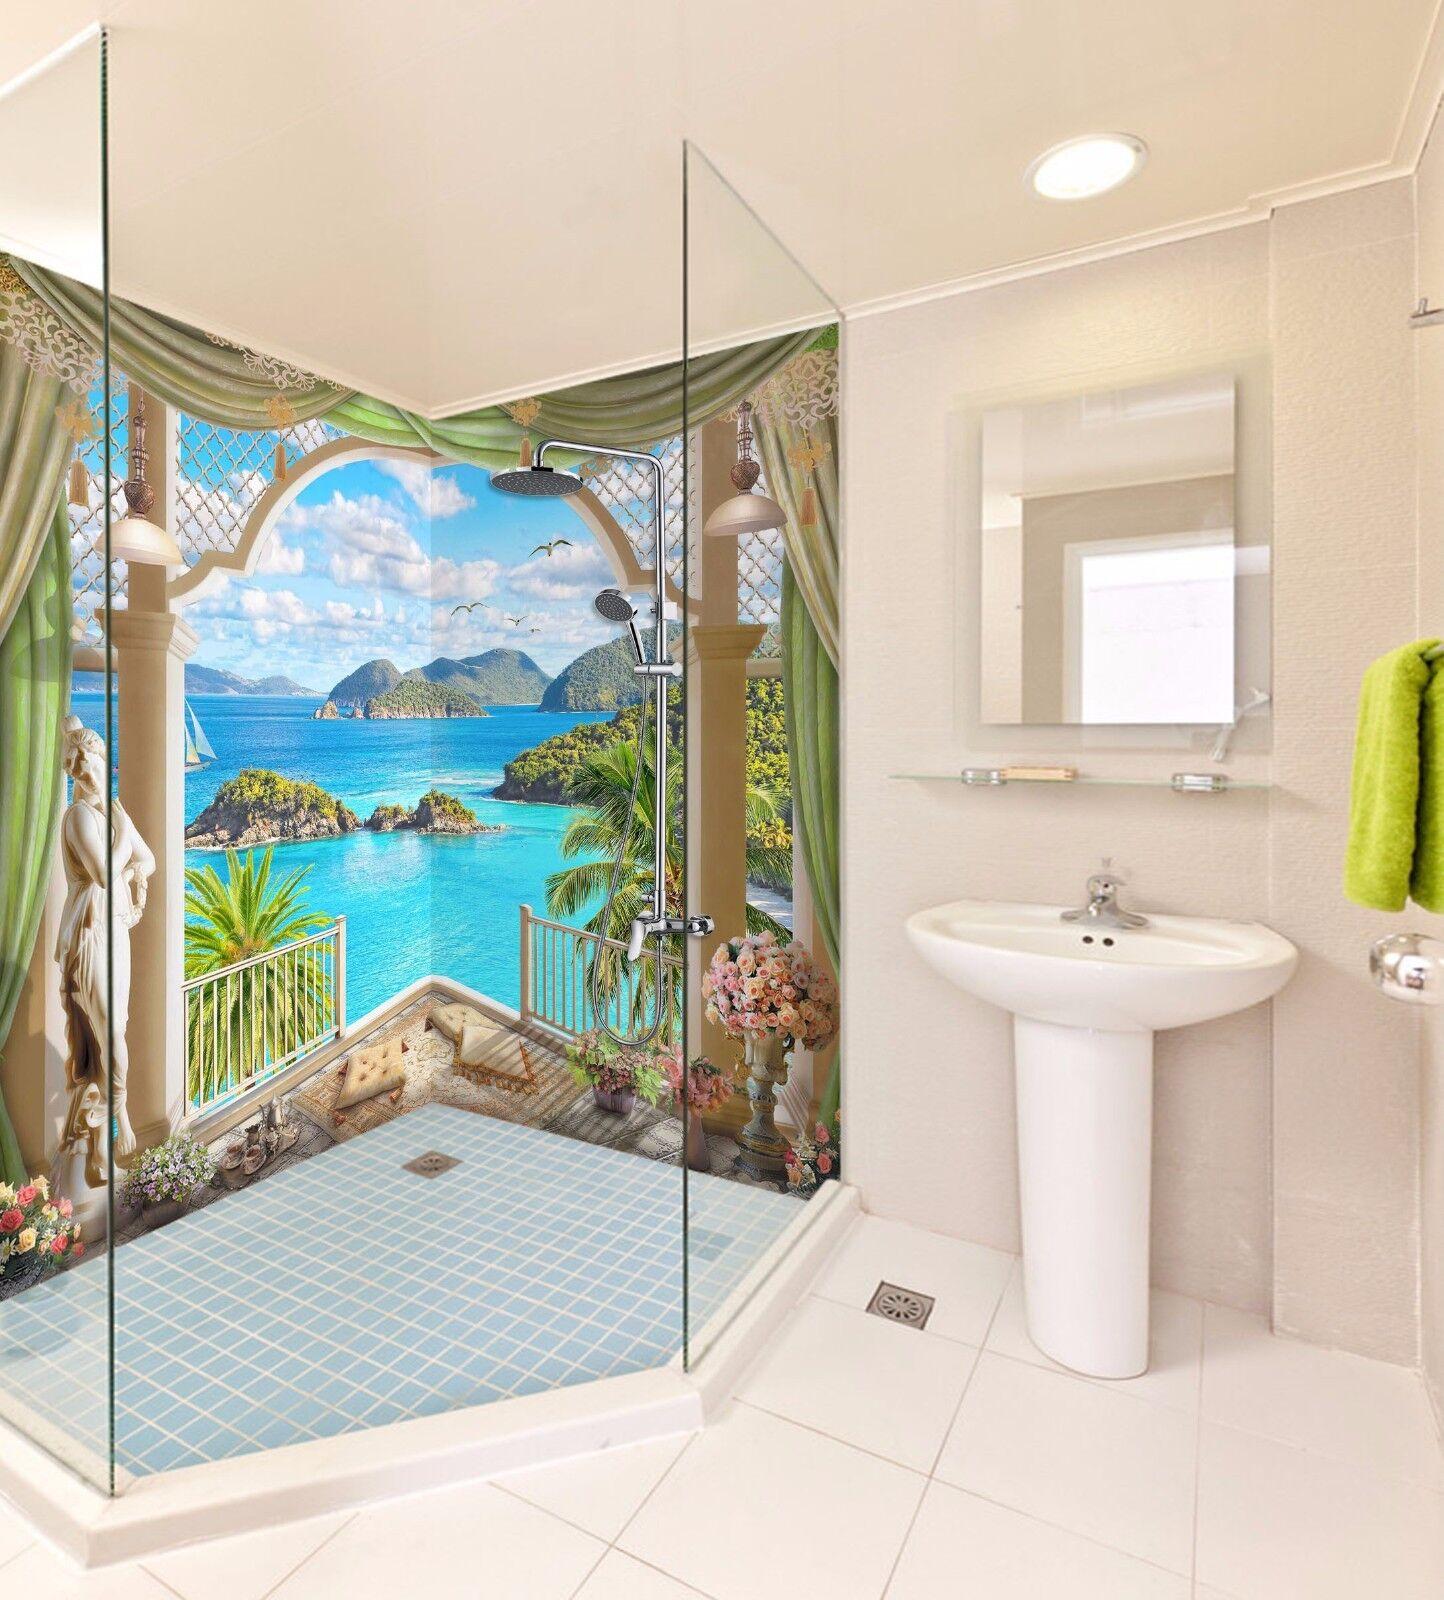 3D Balcony sea 466 WallPaper Bathroom Print Decal Wall Deco AJ WALLPAPER UK